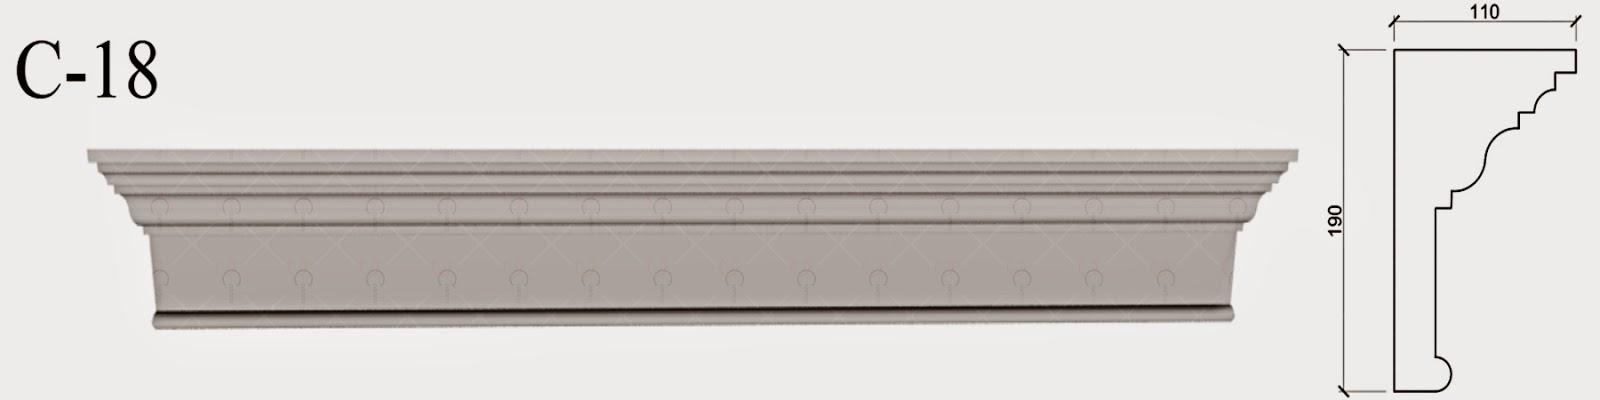 Cornisa Exterior - Baghete Decorative Polistiren fatade case pret, producator , modele, imagini